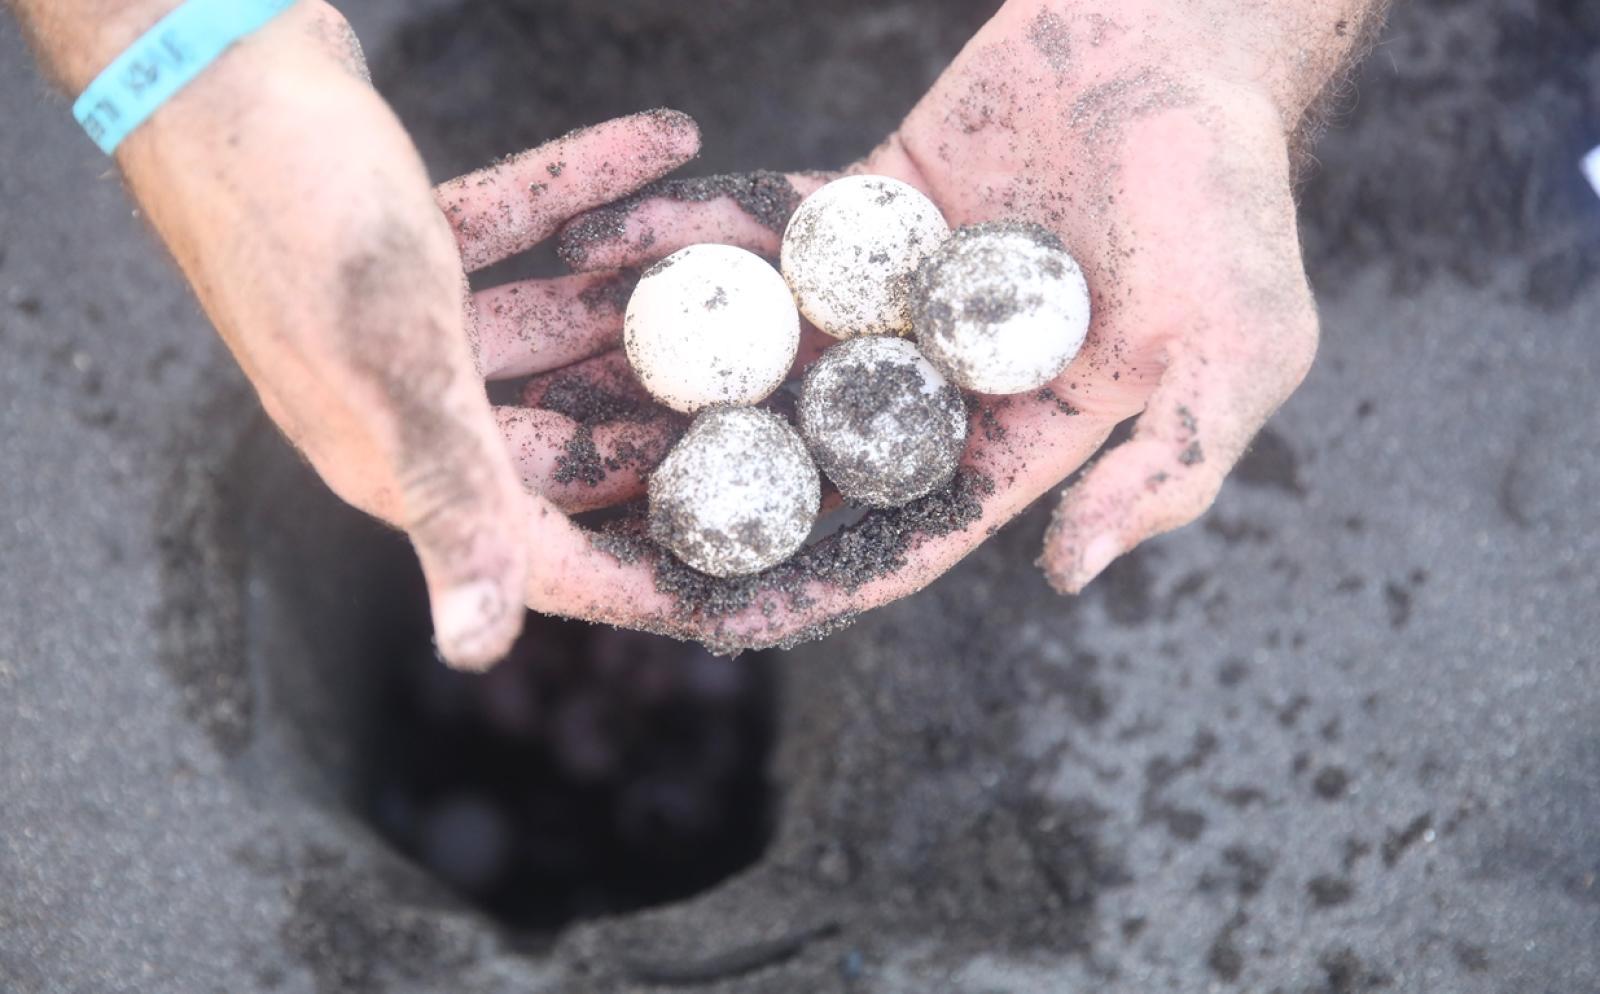 メキシコのビーチから保護したウミガメの卵を孵化場に埋める高校生ボランティア